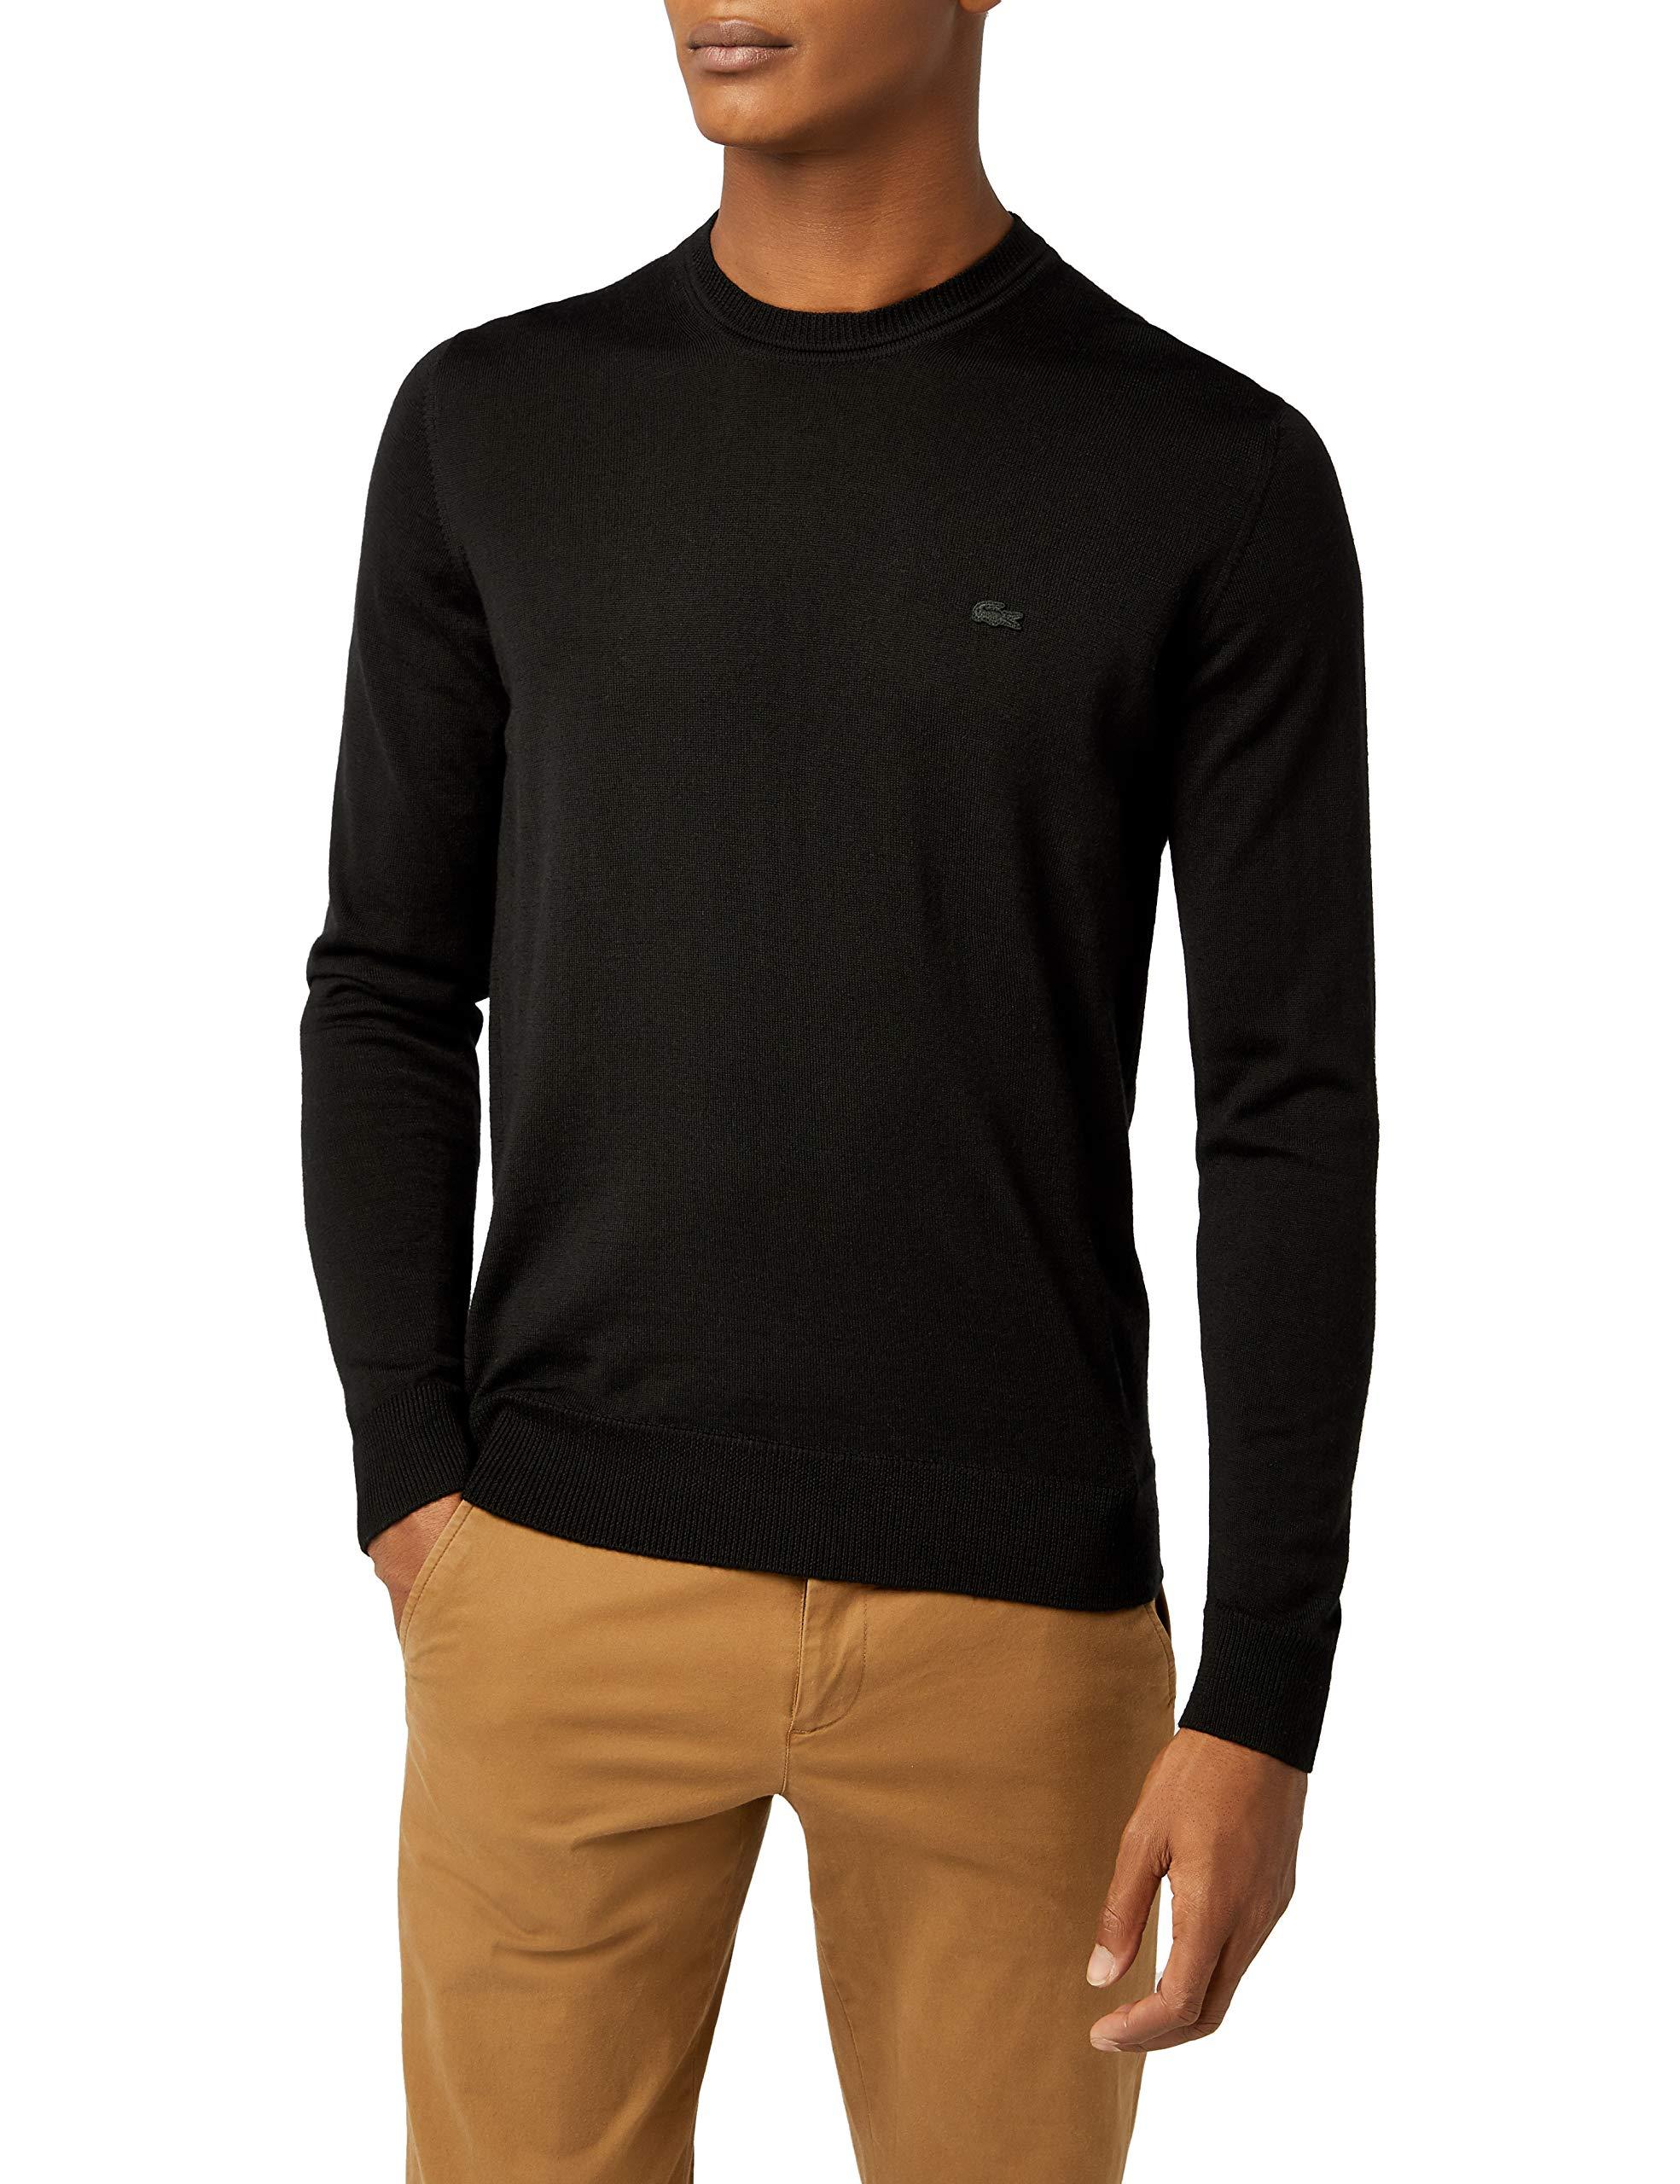 fréquent code promo gamme complète d'articles Lacoste AH2997, Pull Homme Noir (Noir), XX-Large (Taille Fabricant : 7)